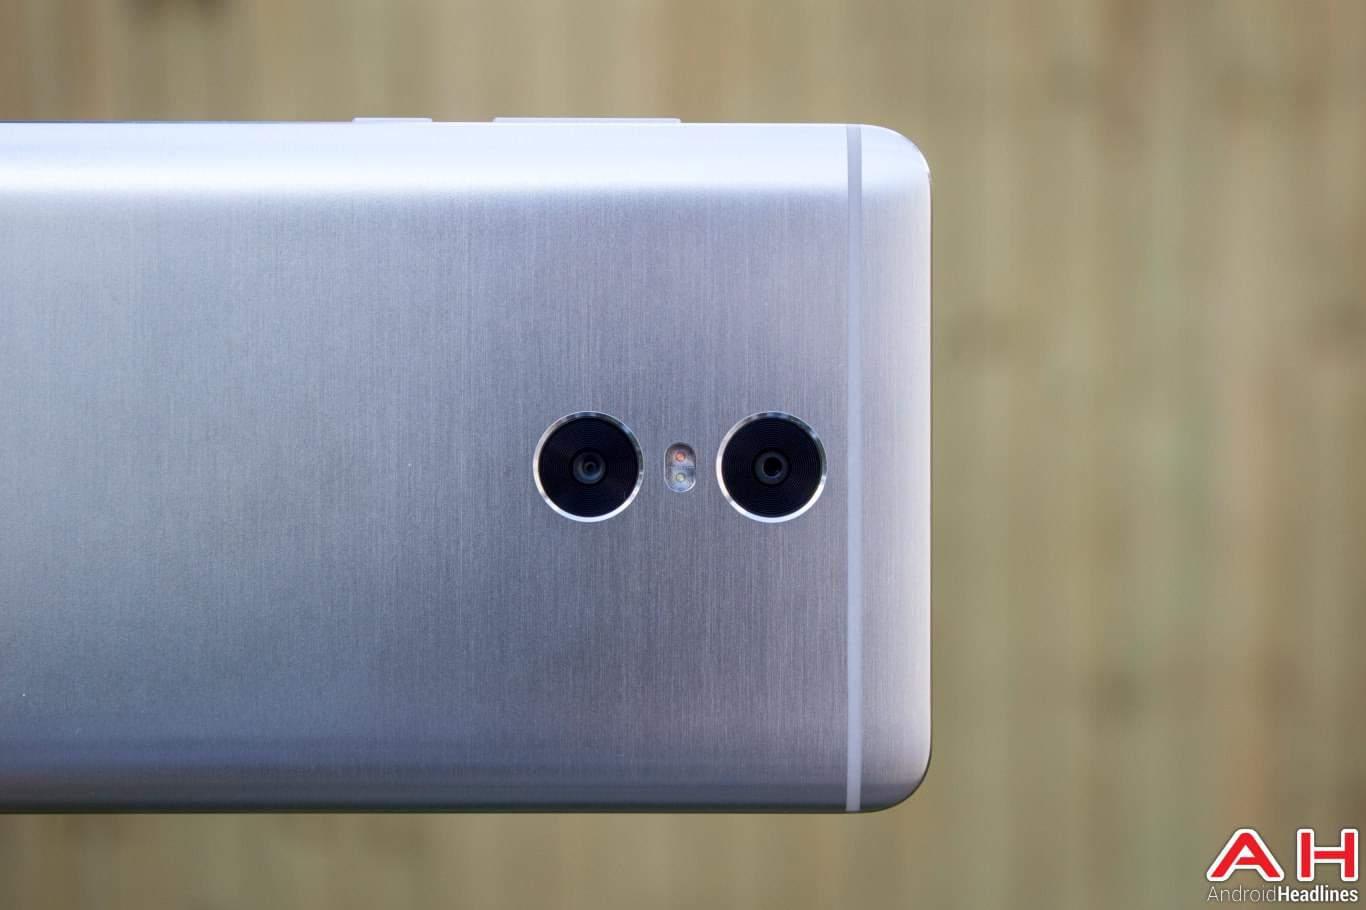 xiaomi-redmi-pro-ah-ns-09-camera-lenses